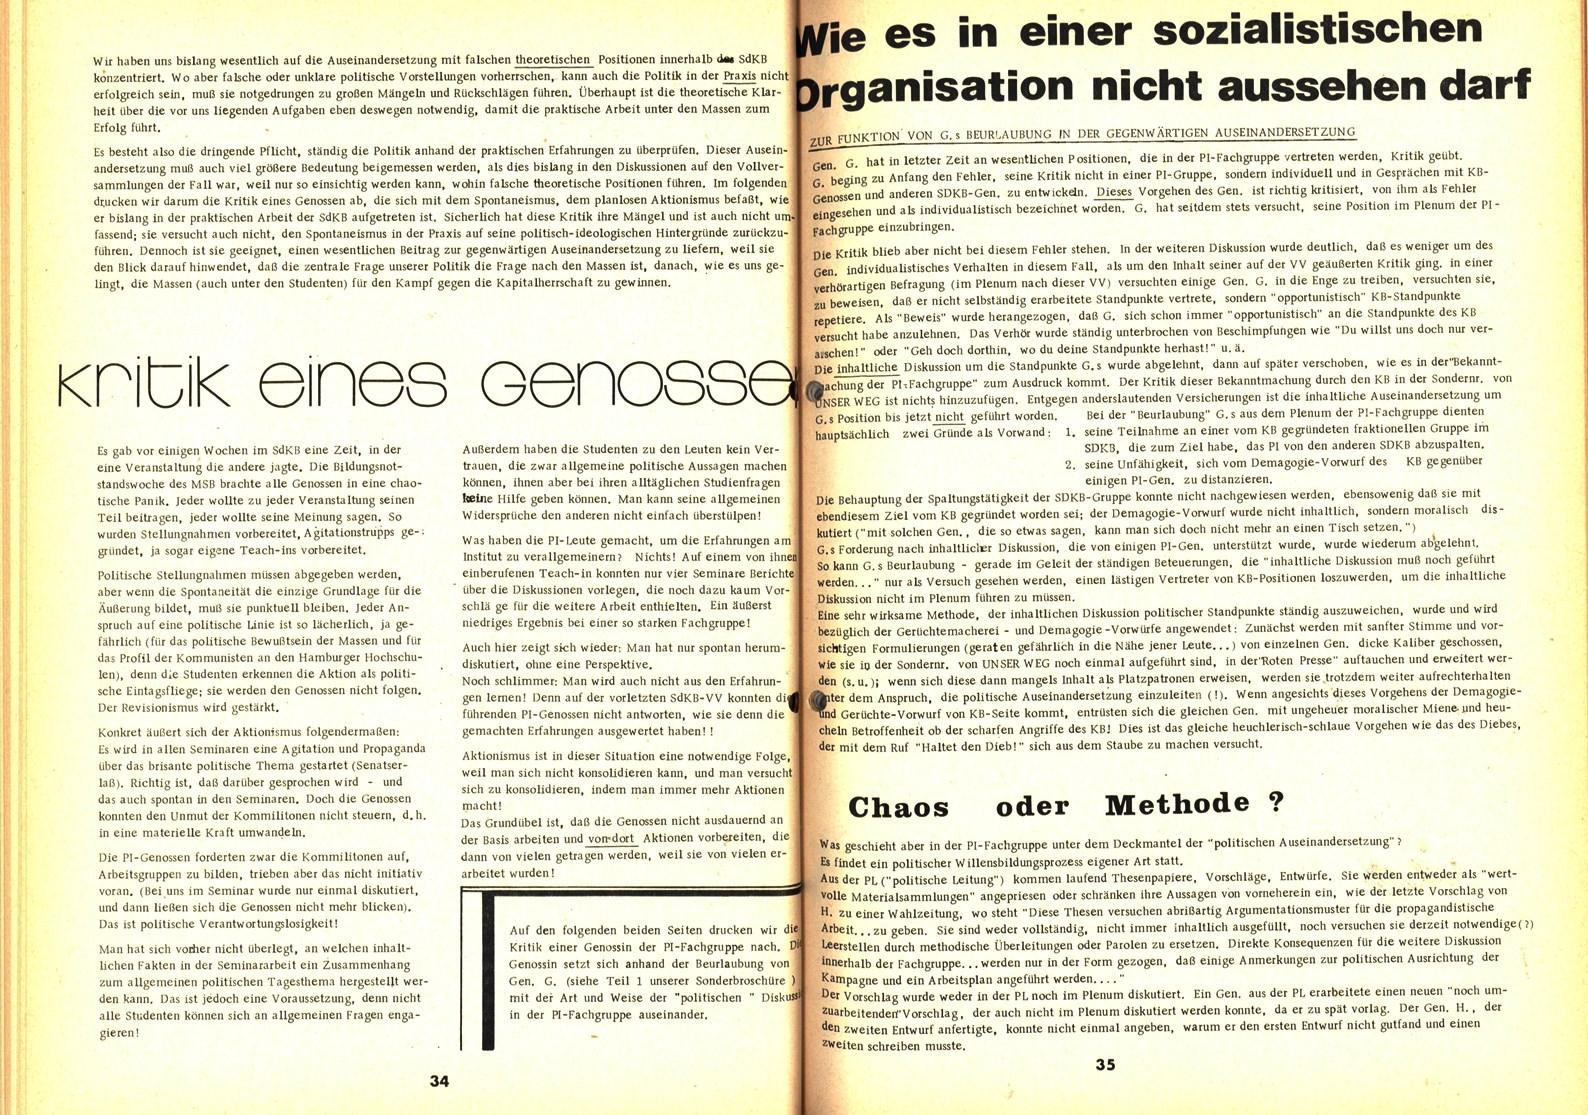 KB_Unser_Weg_19720200_18